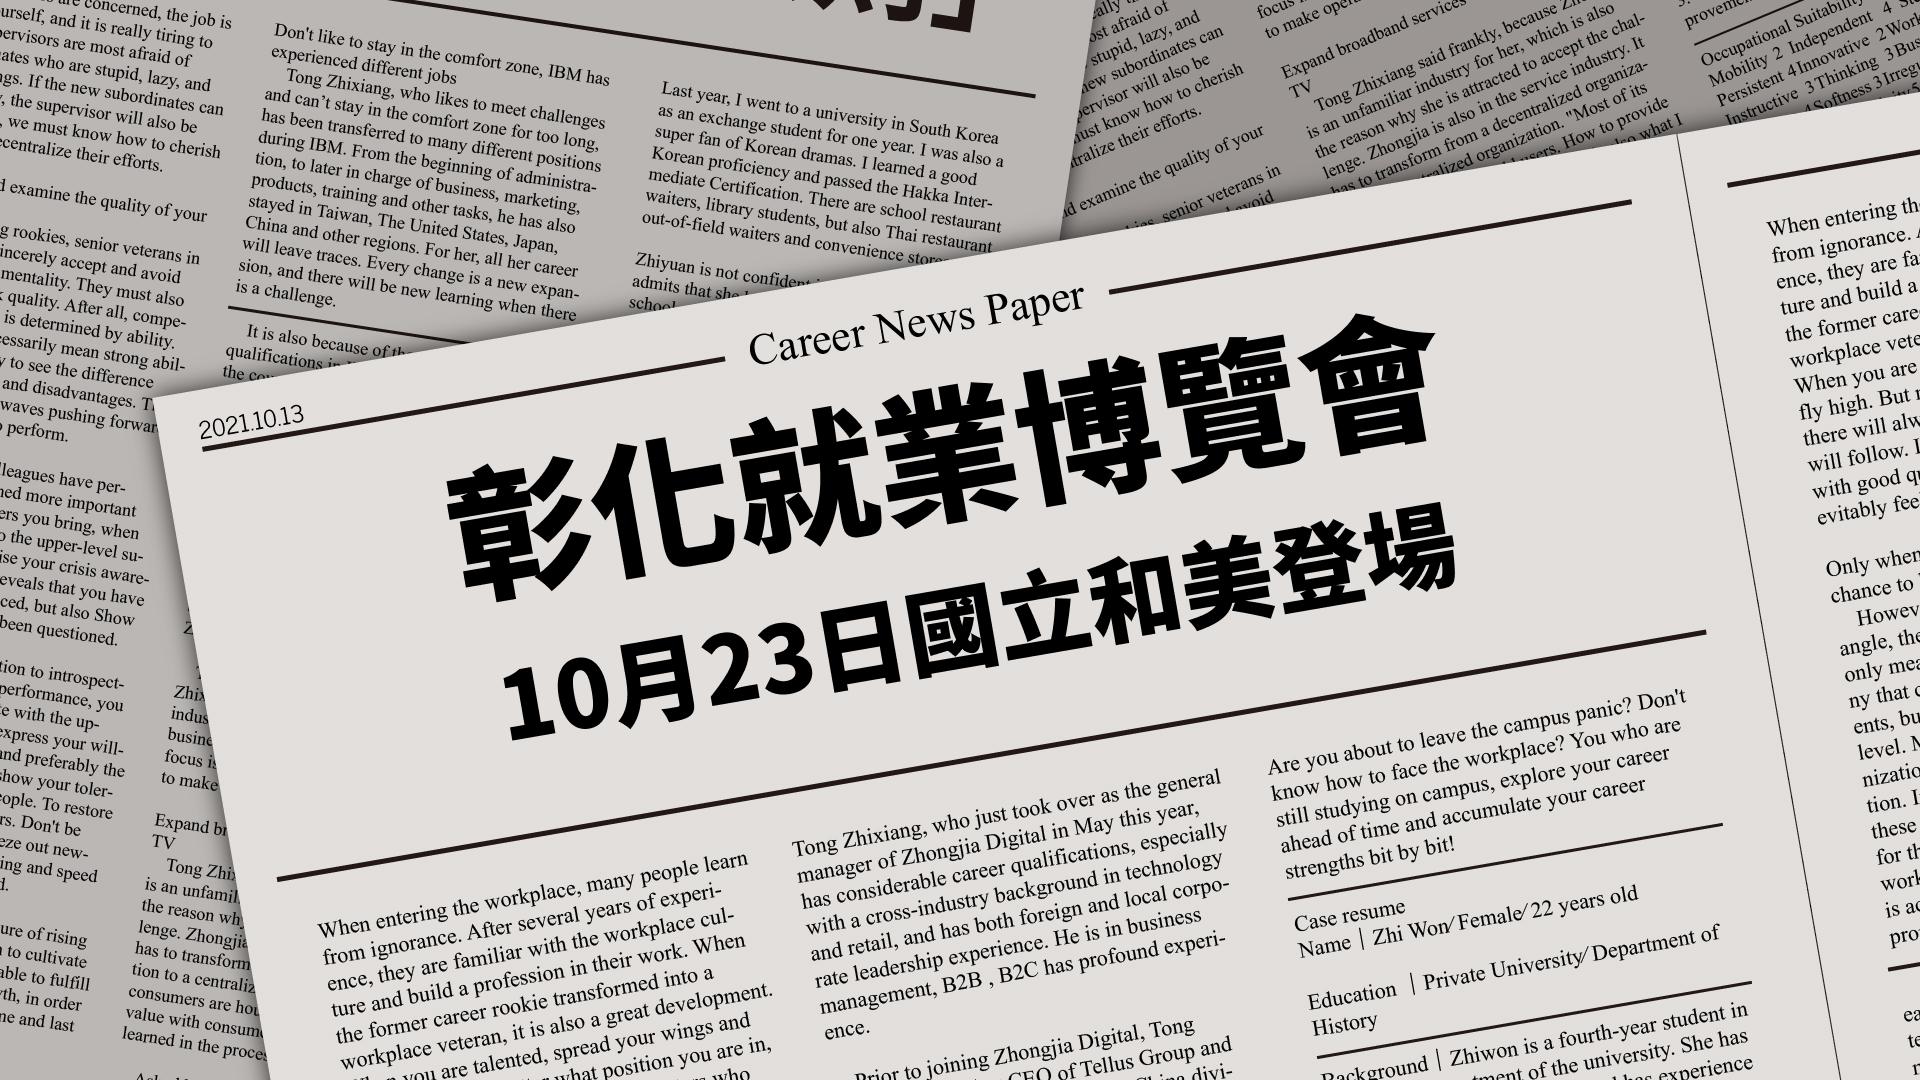 彰化就業博覽會 10月23日國立和美登場